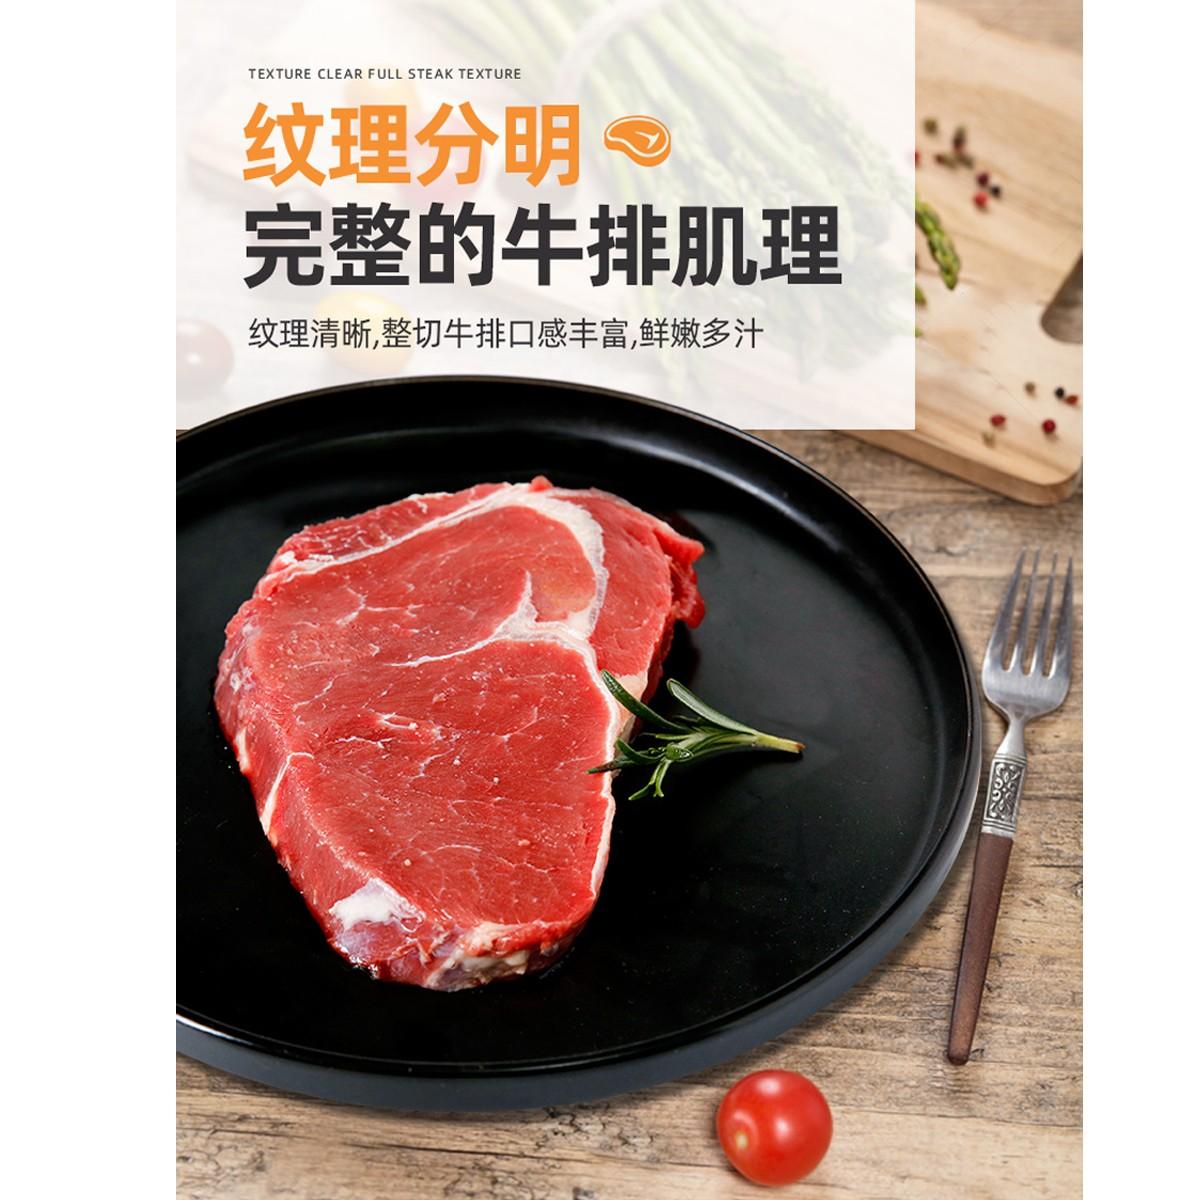 澳洲进口原肉西冷牛排